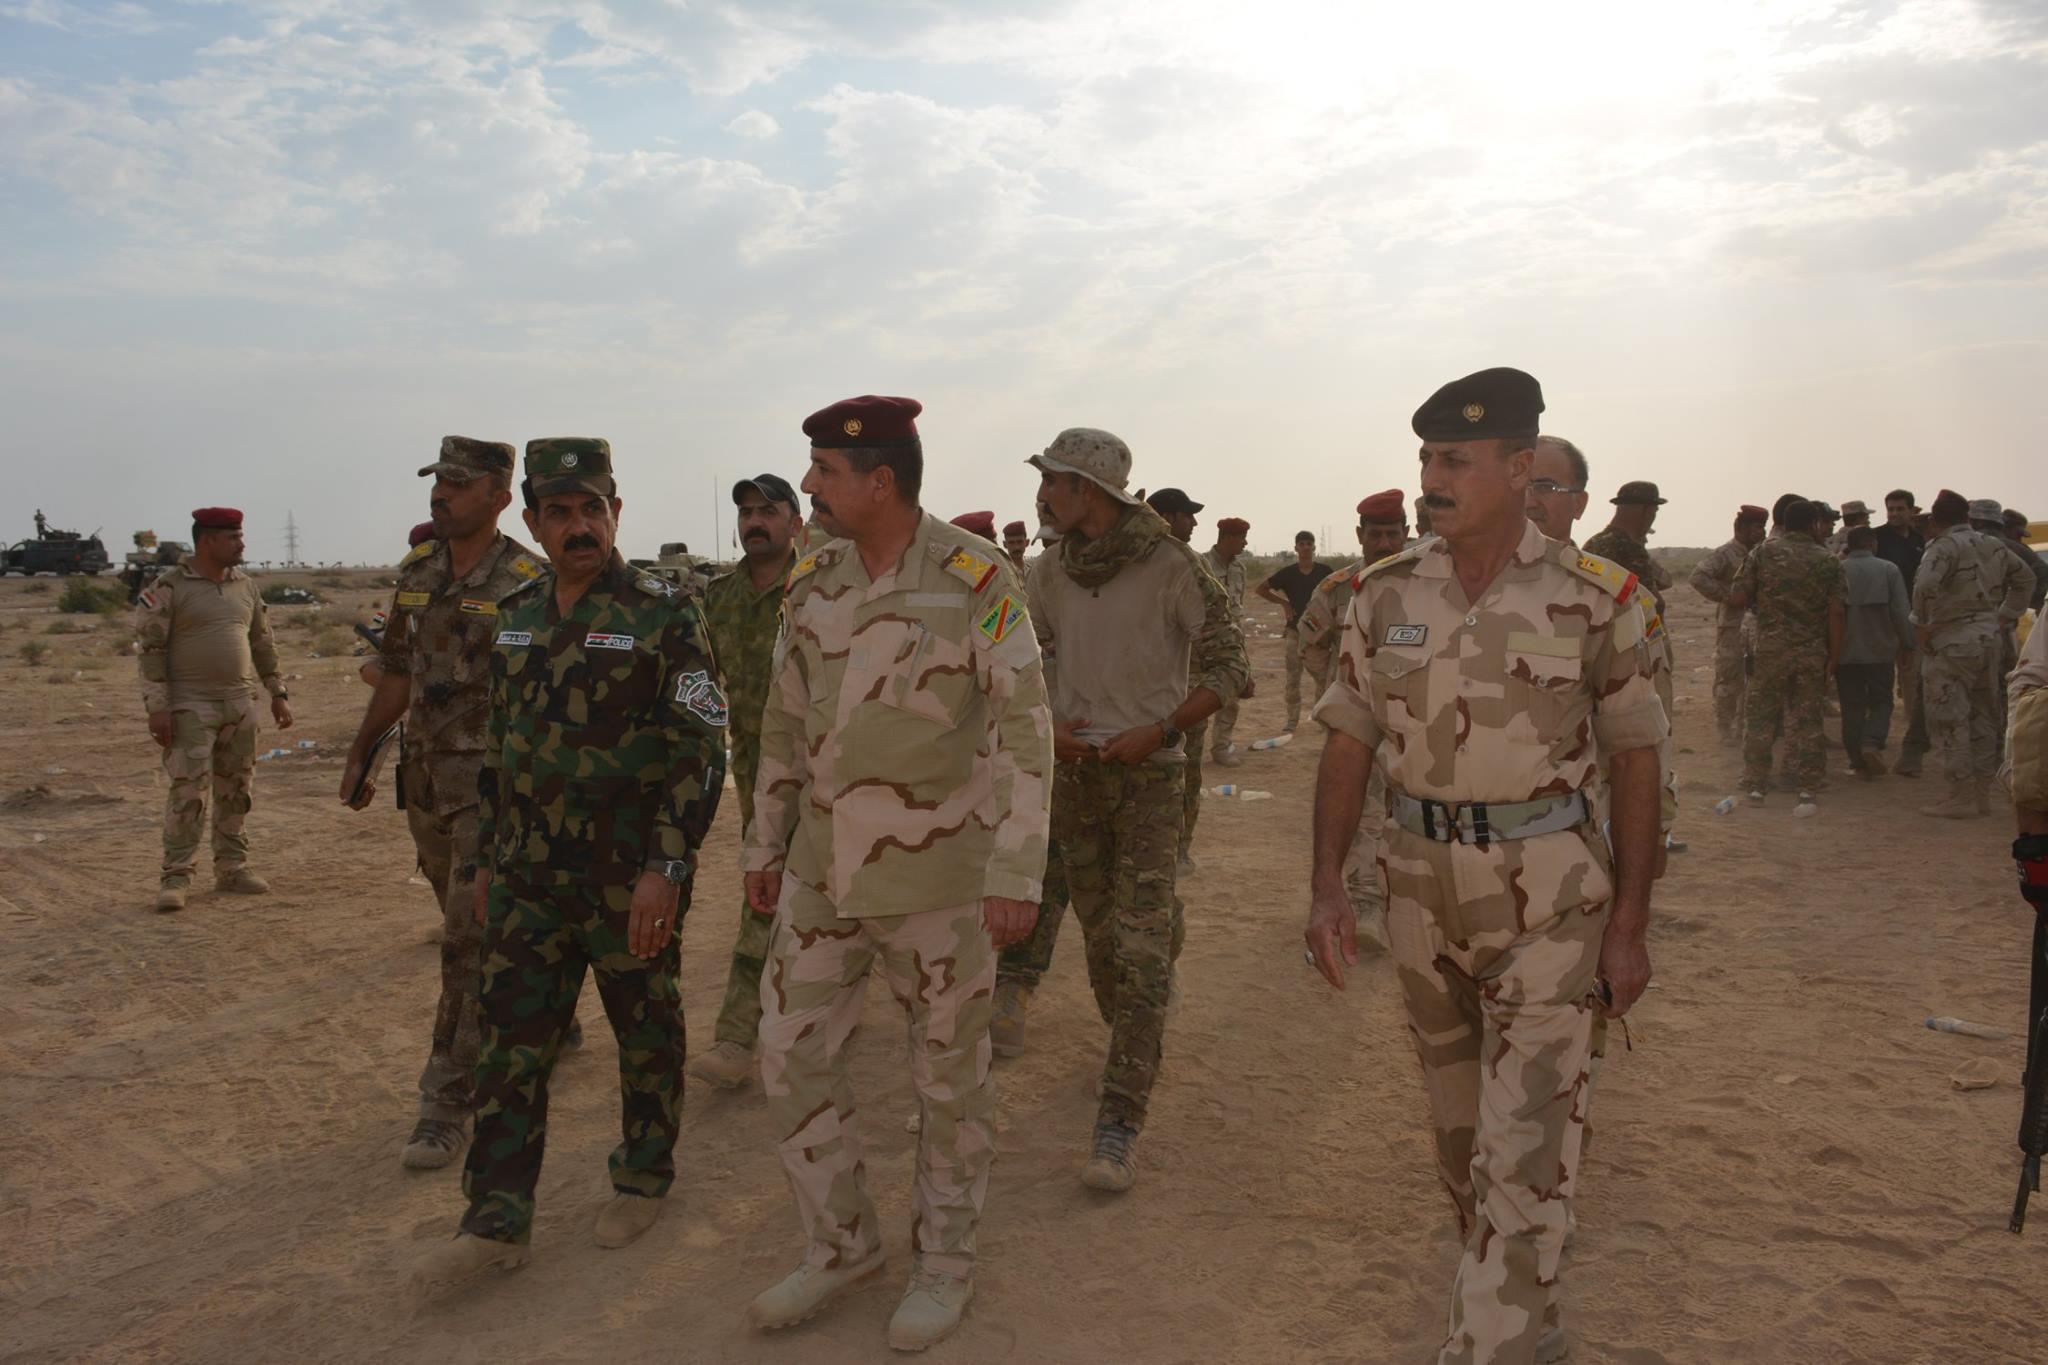 """المحلاوي يعلن اقتحام """"البوكنعان"""" اخر معاقل """"داعش"""" في جزيرة الخالدية"""